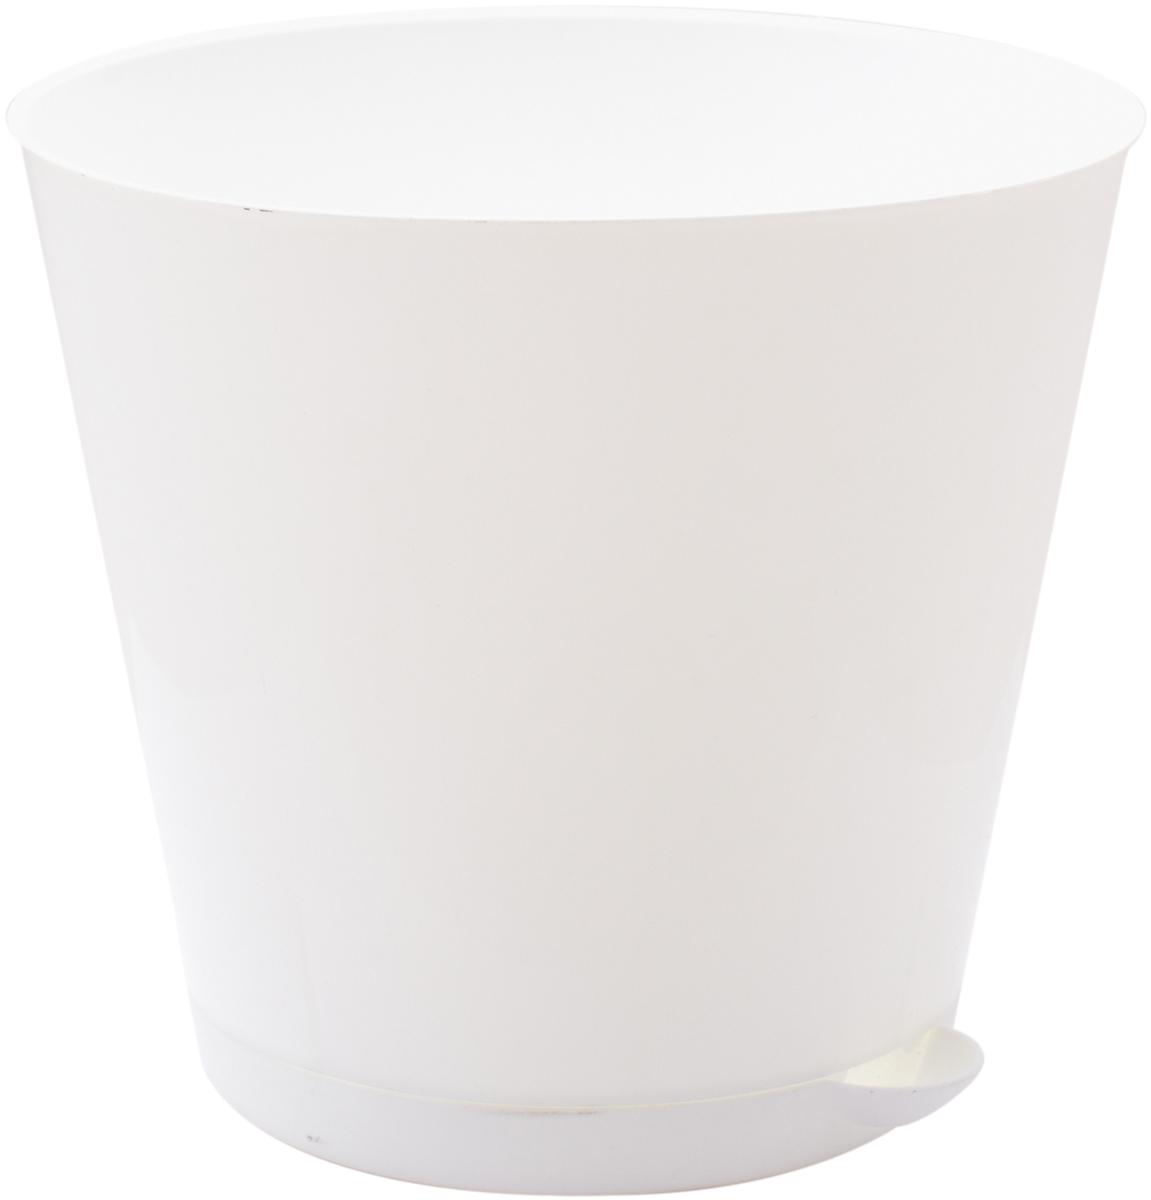 Горшок для цветов InGreen Крит, с системой прикорневого полива, цвет: белый, диаметр 16 см поддон для балконного ящика ingreen цвет белый длина 60 см